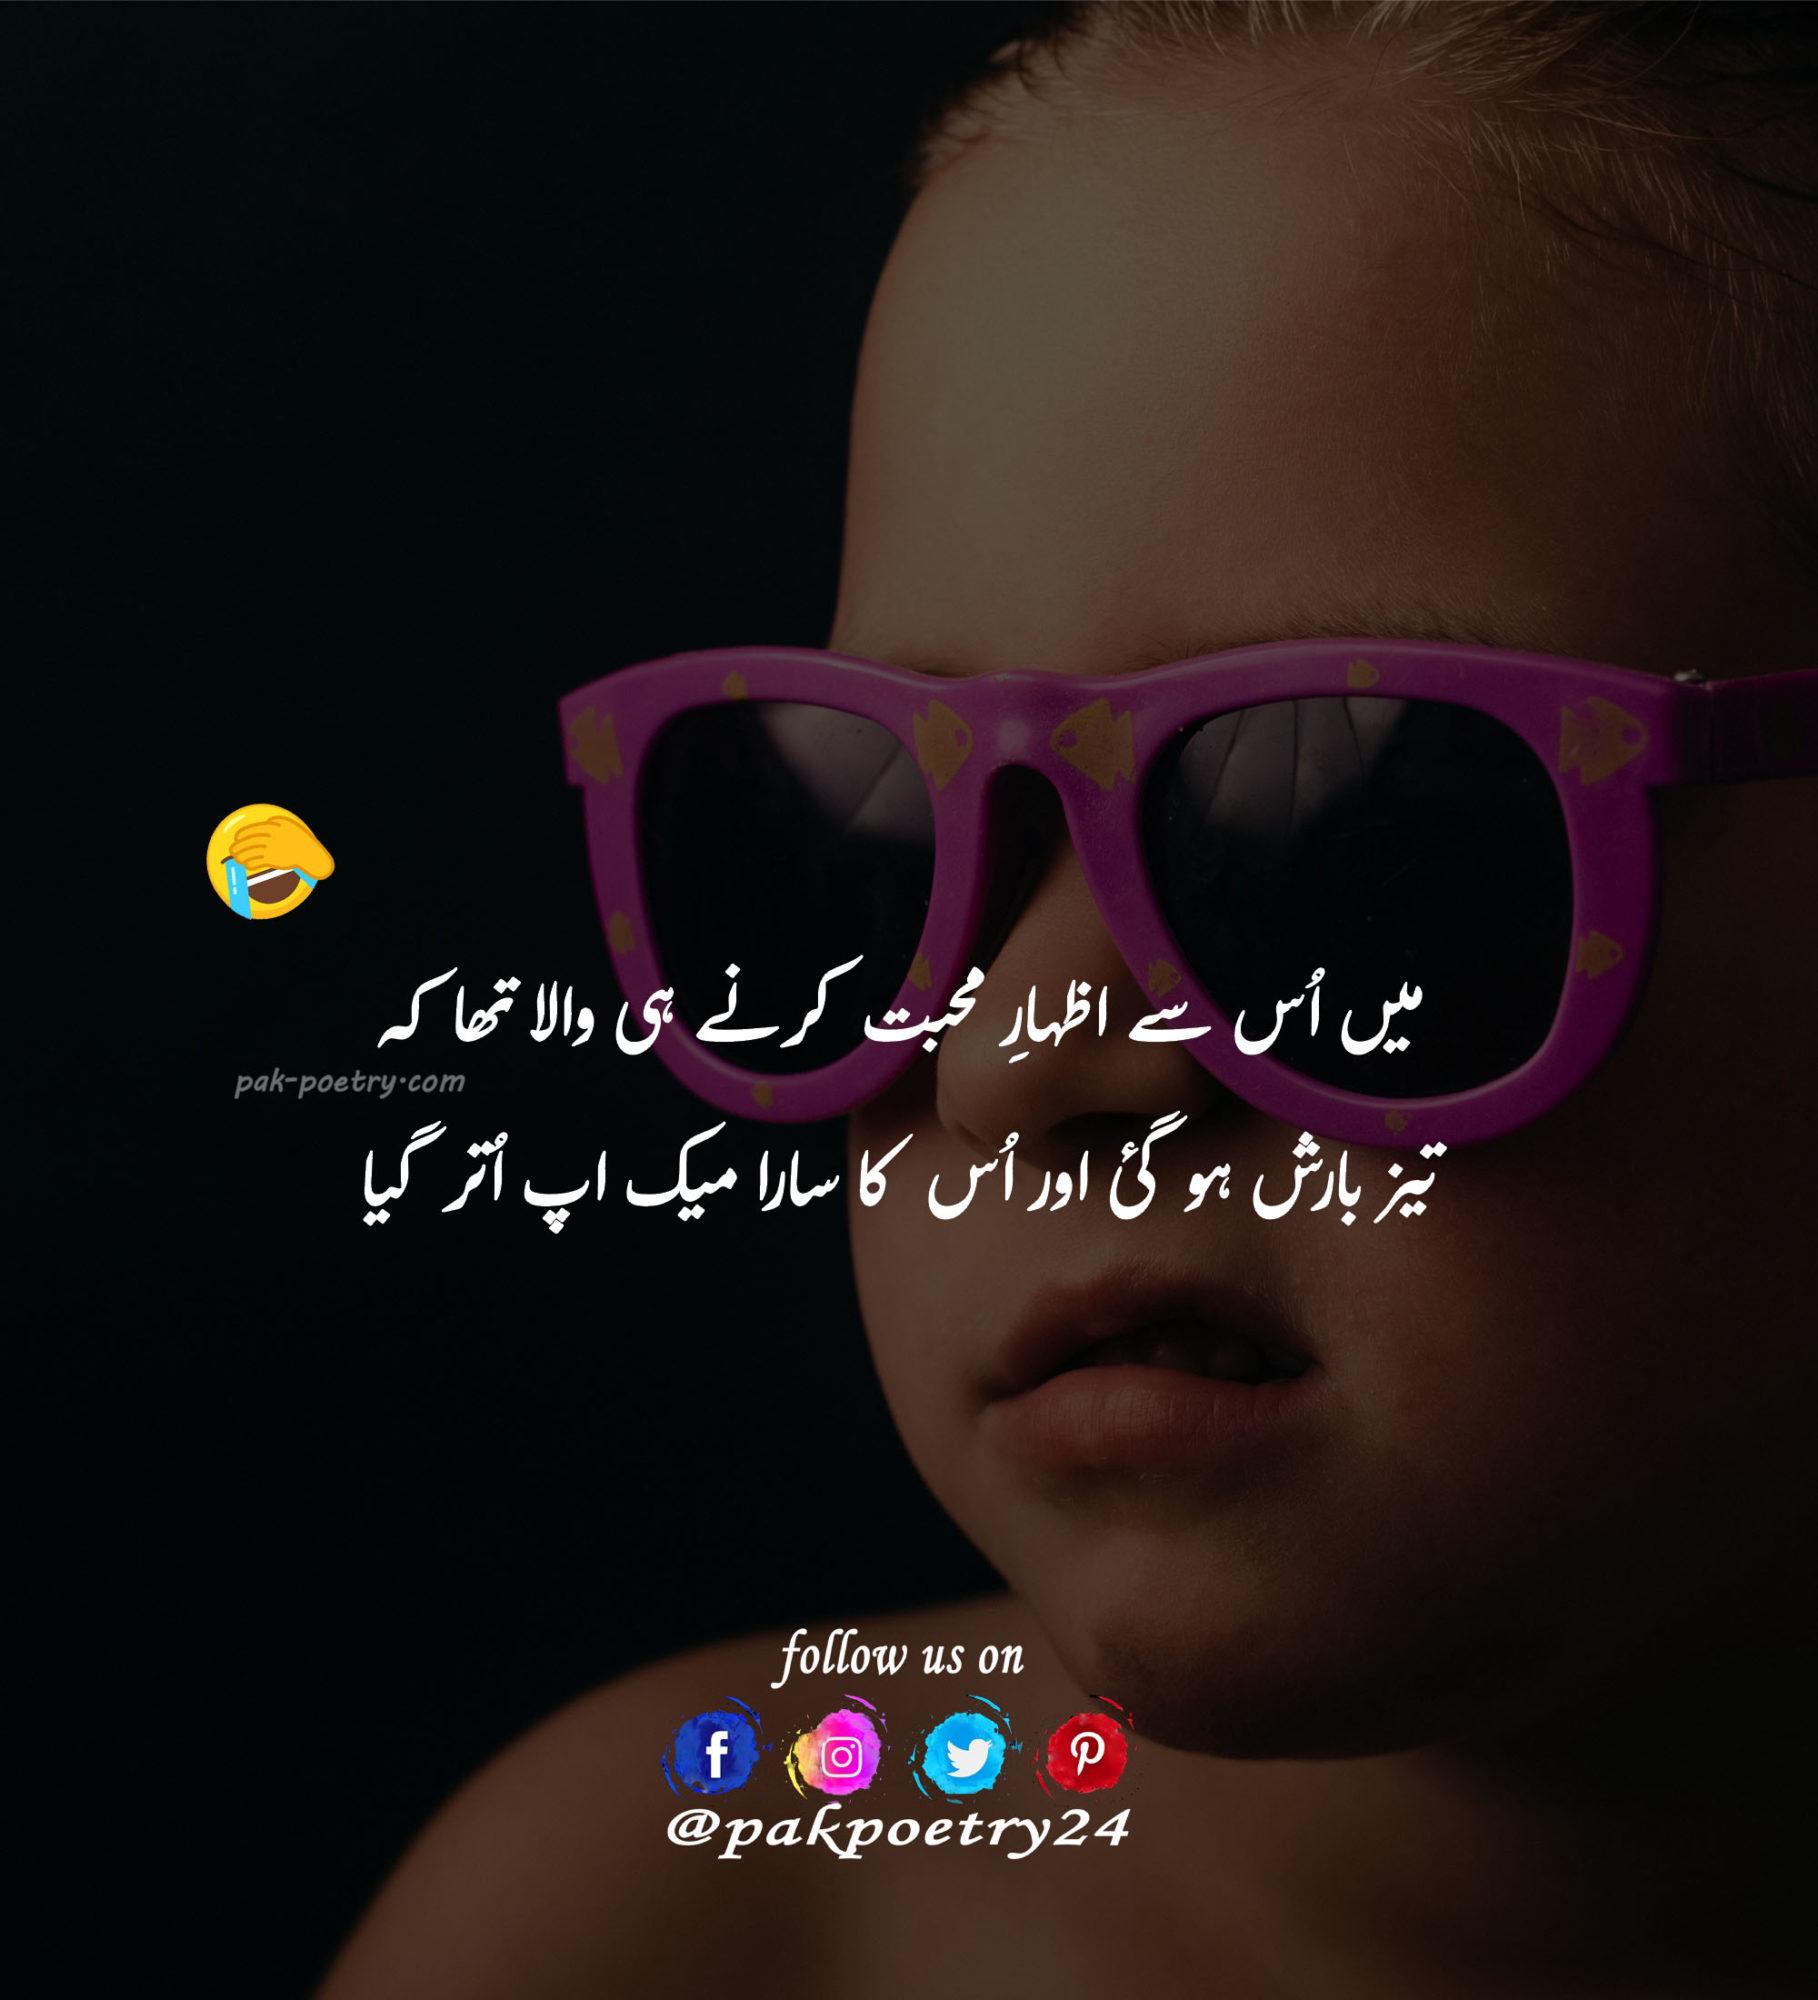 ma us sy izhary muhabat krny hi wala tha ky